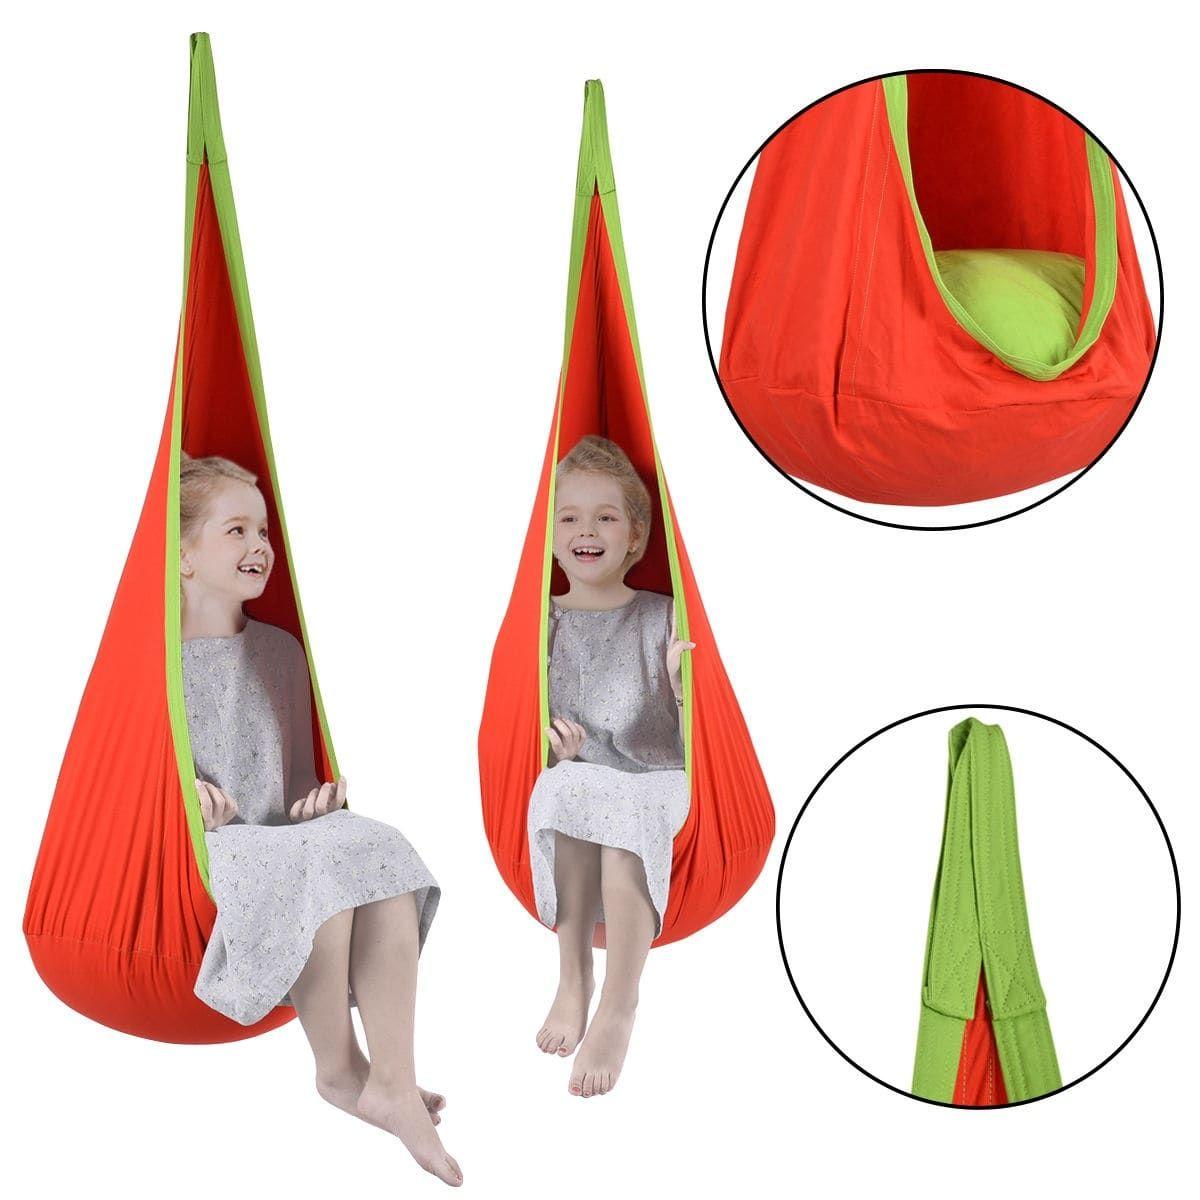 Costway child pod swing chair tent nook indoor outdoor hanging seat